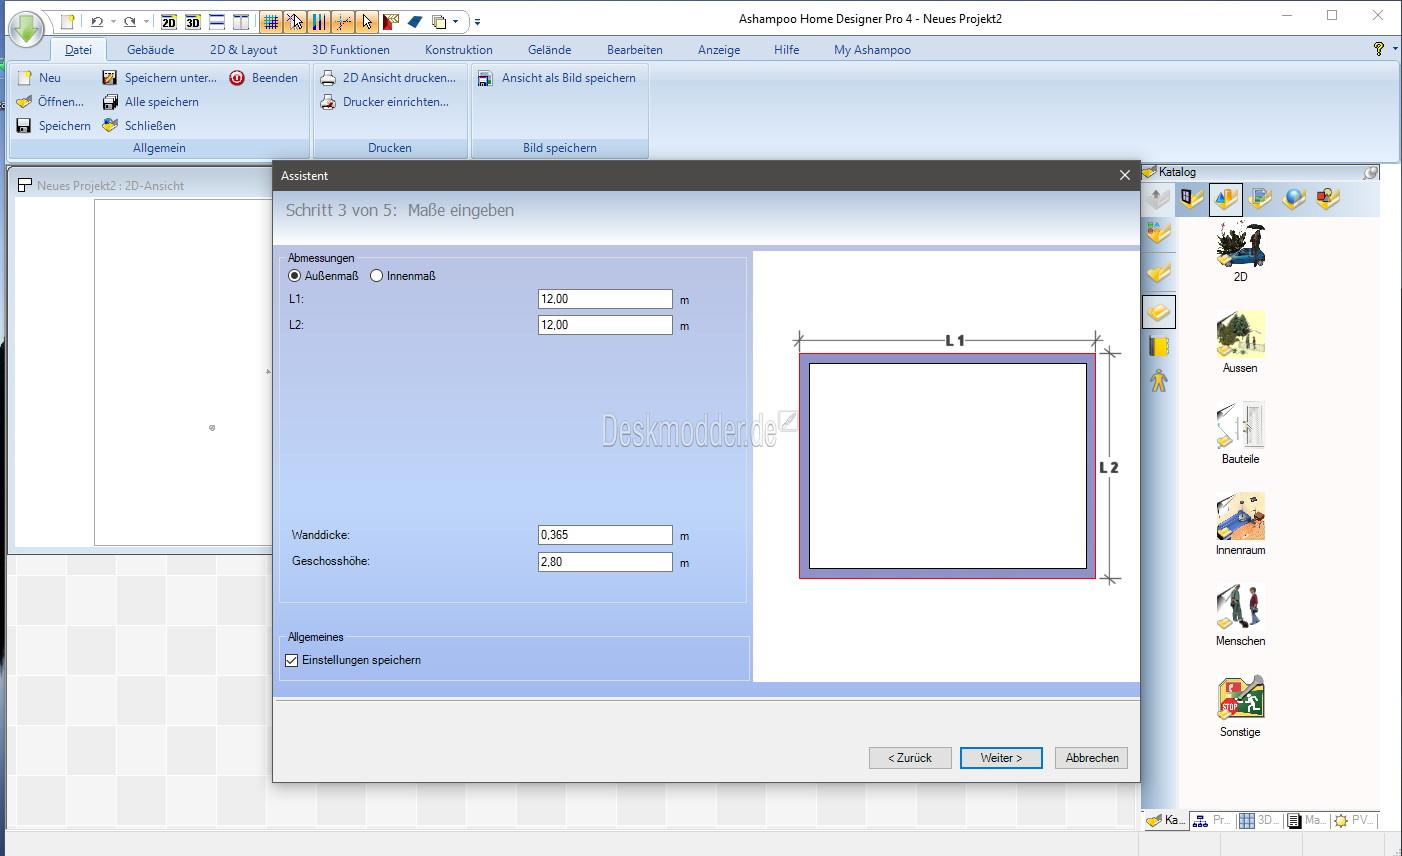 Ashampoo Home Designer Pro 4 - Kurz angeschaut und Gewinnspiel ...